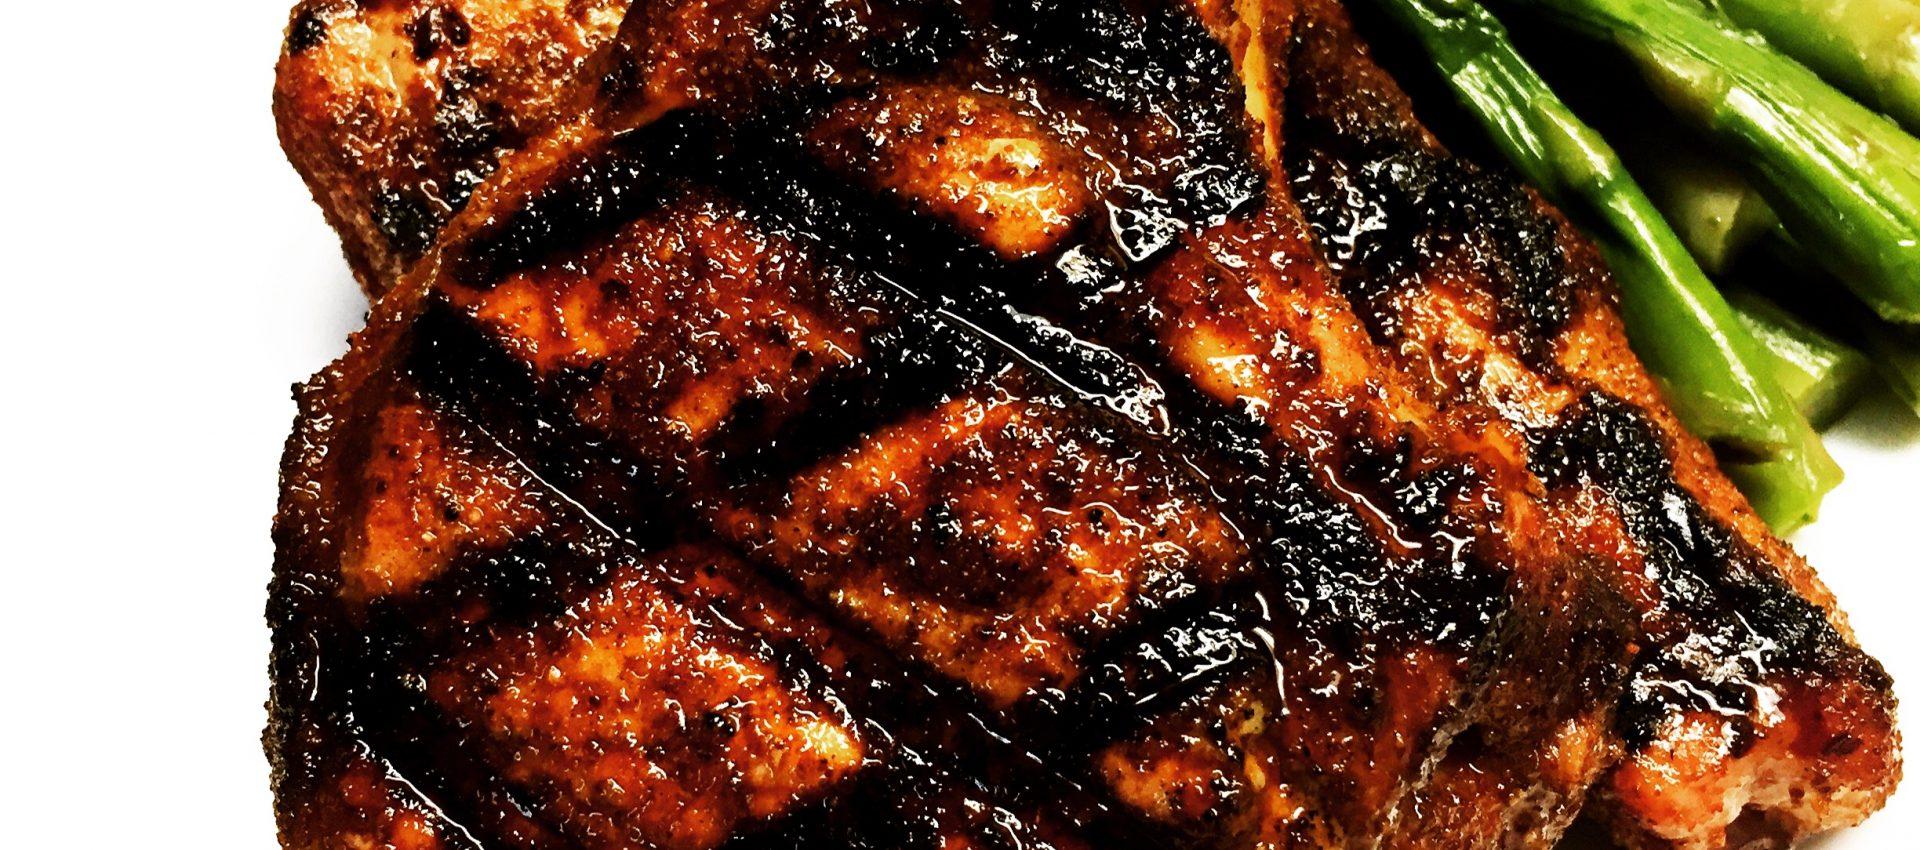 beer brined pork chops